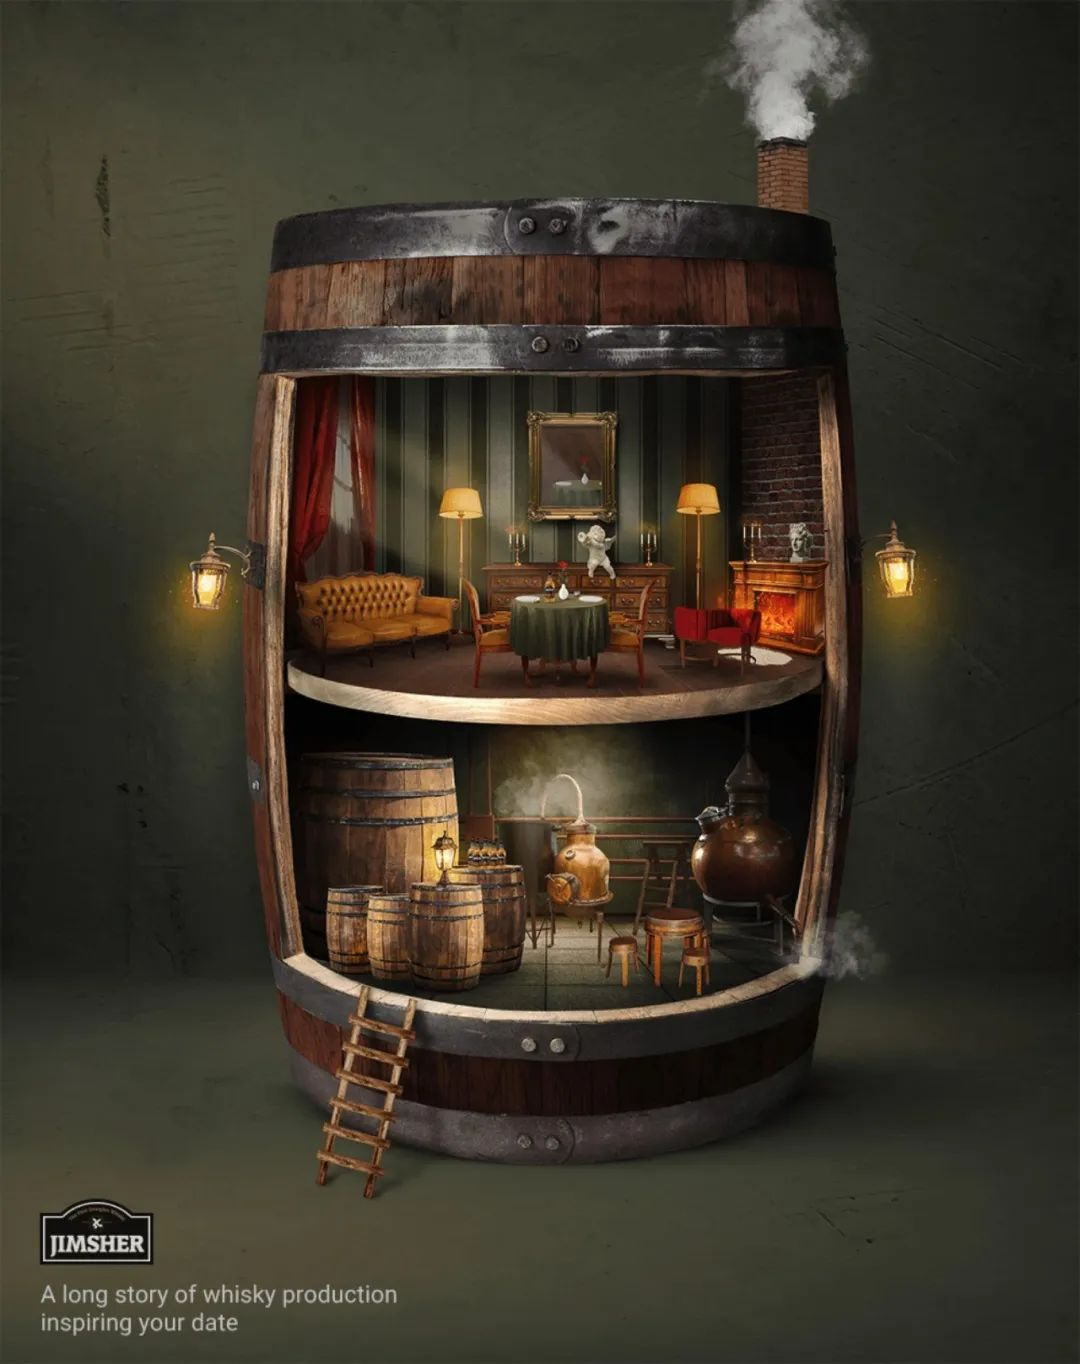 悠久历史的酒!JIMSHER威士忌广告欣赏